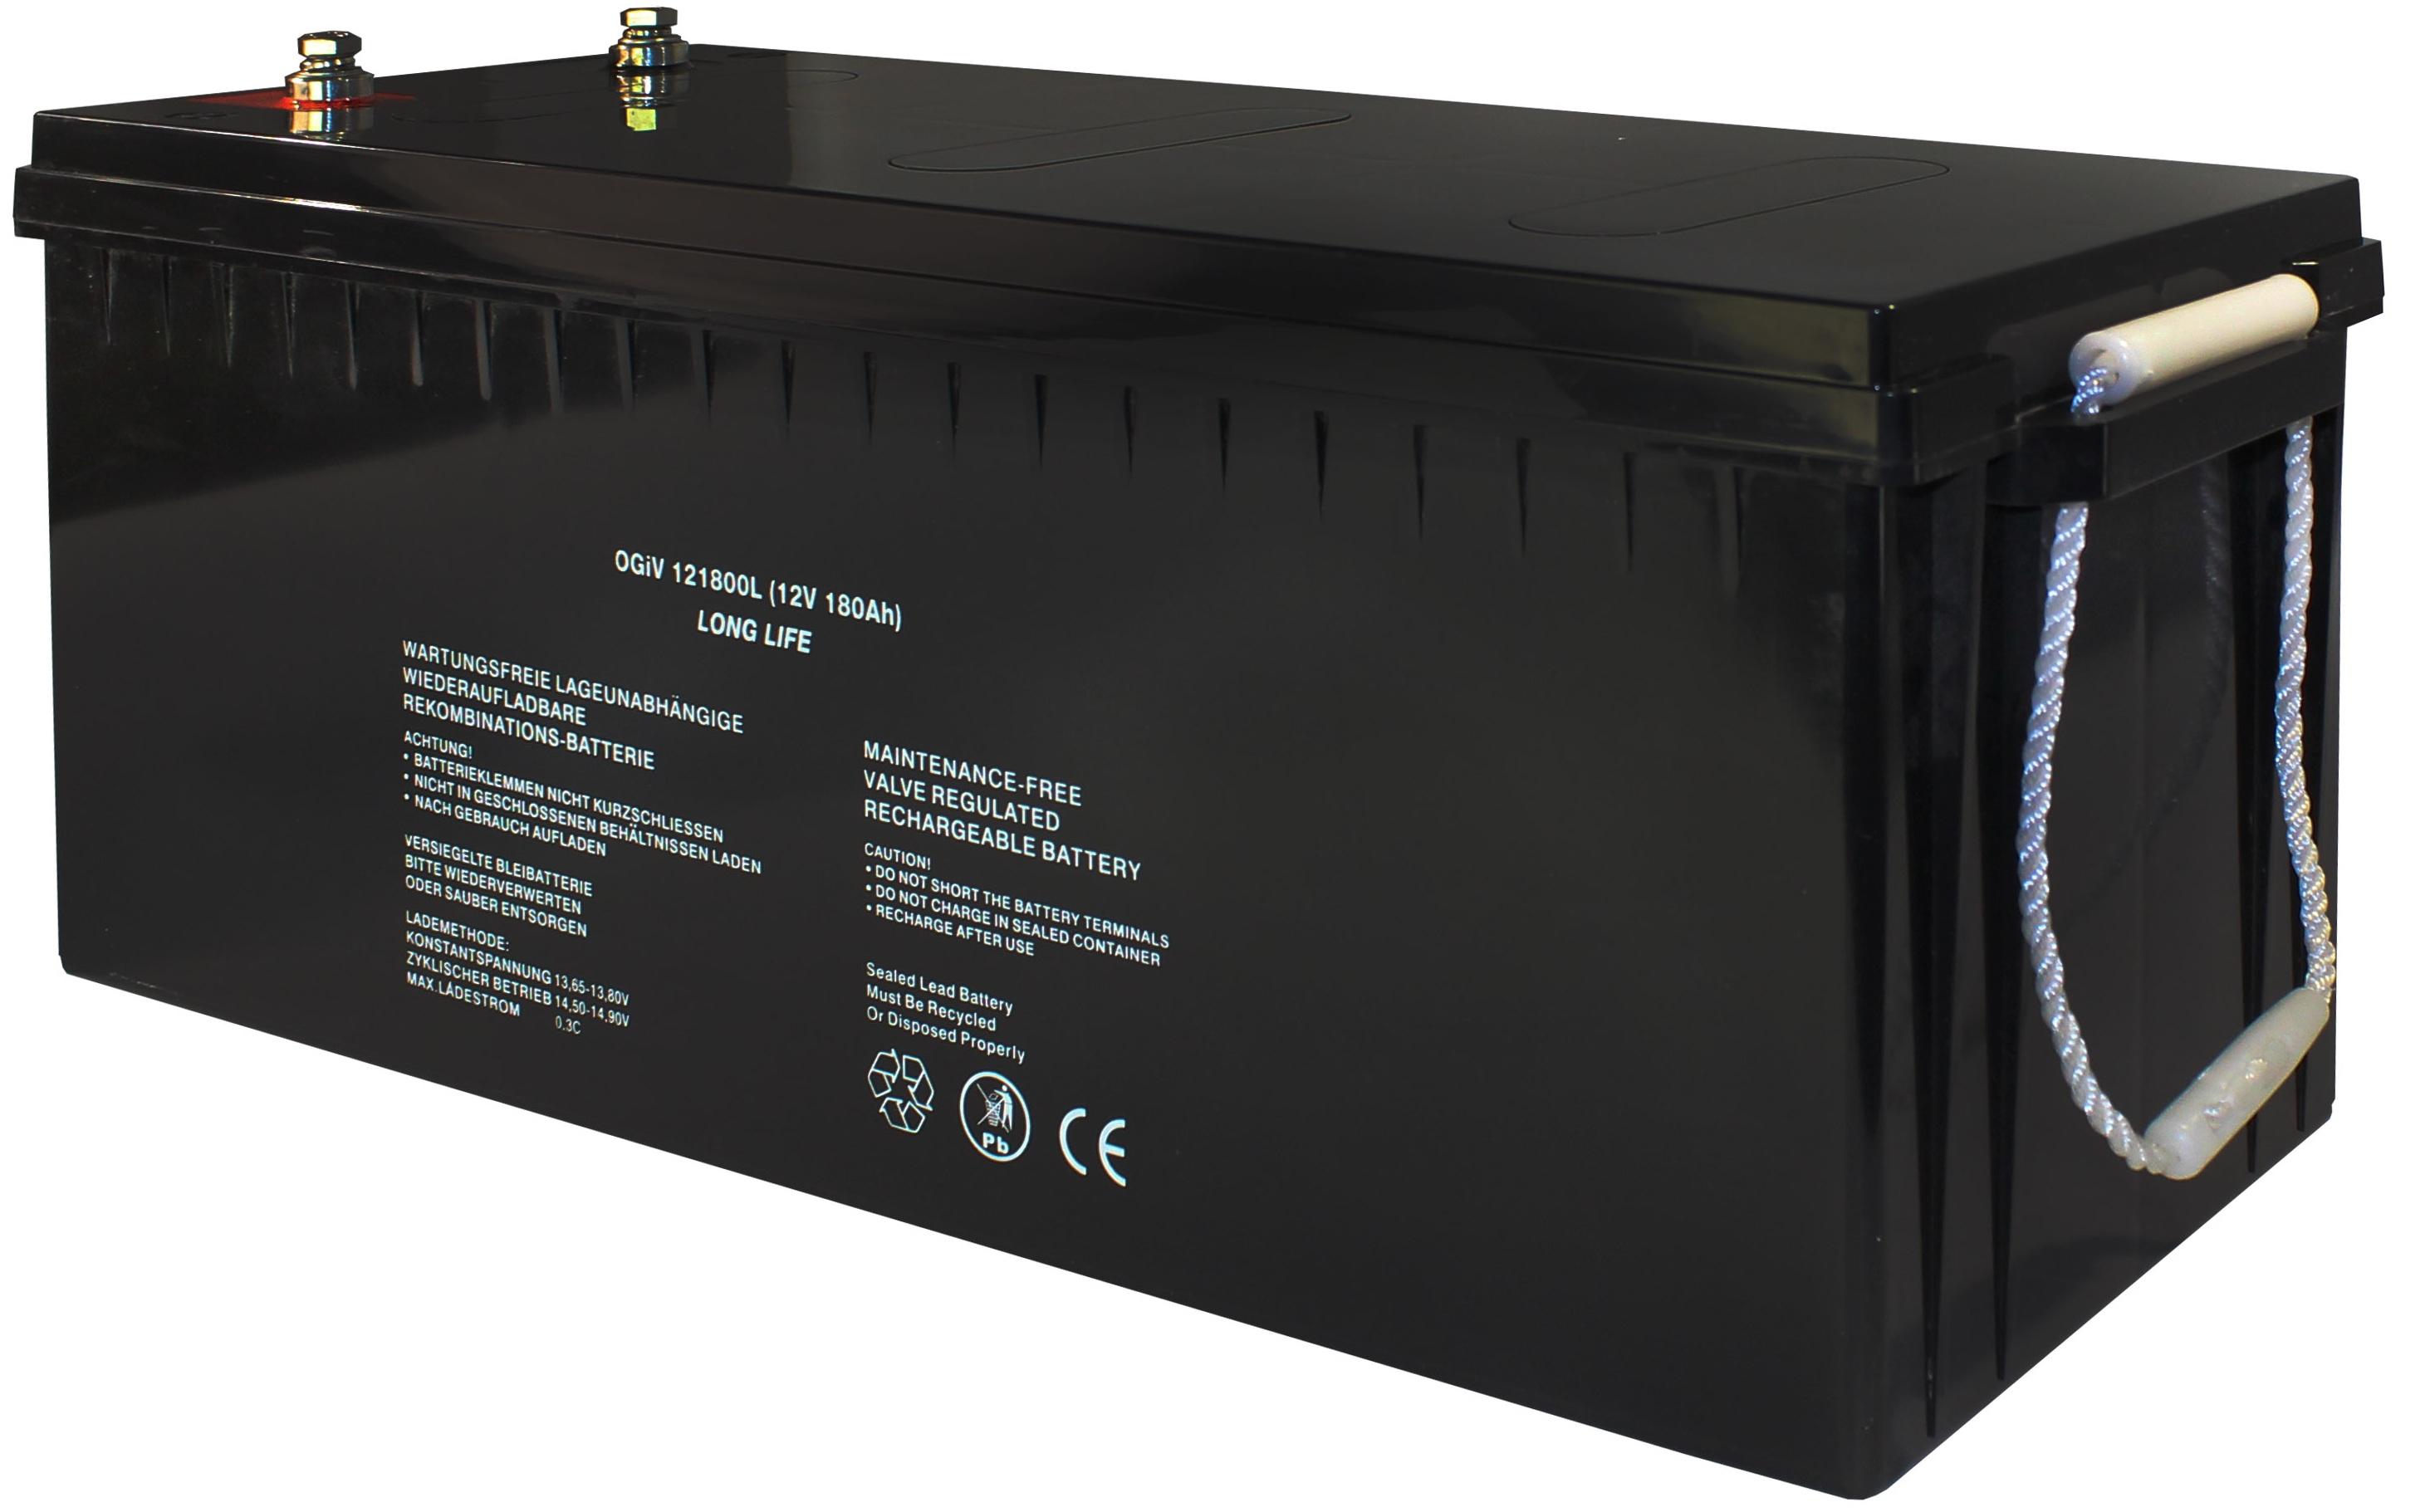 Batterie RPower OGiV longlife bis 12 Jahre 12V/84Ah (C20)